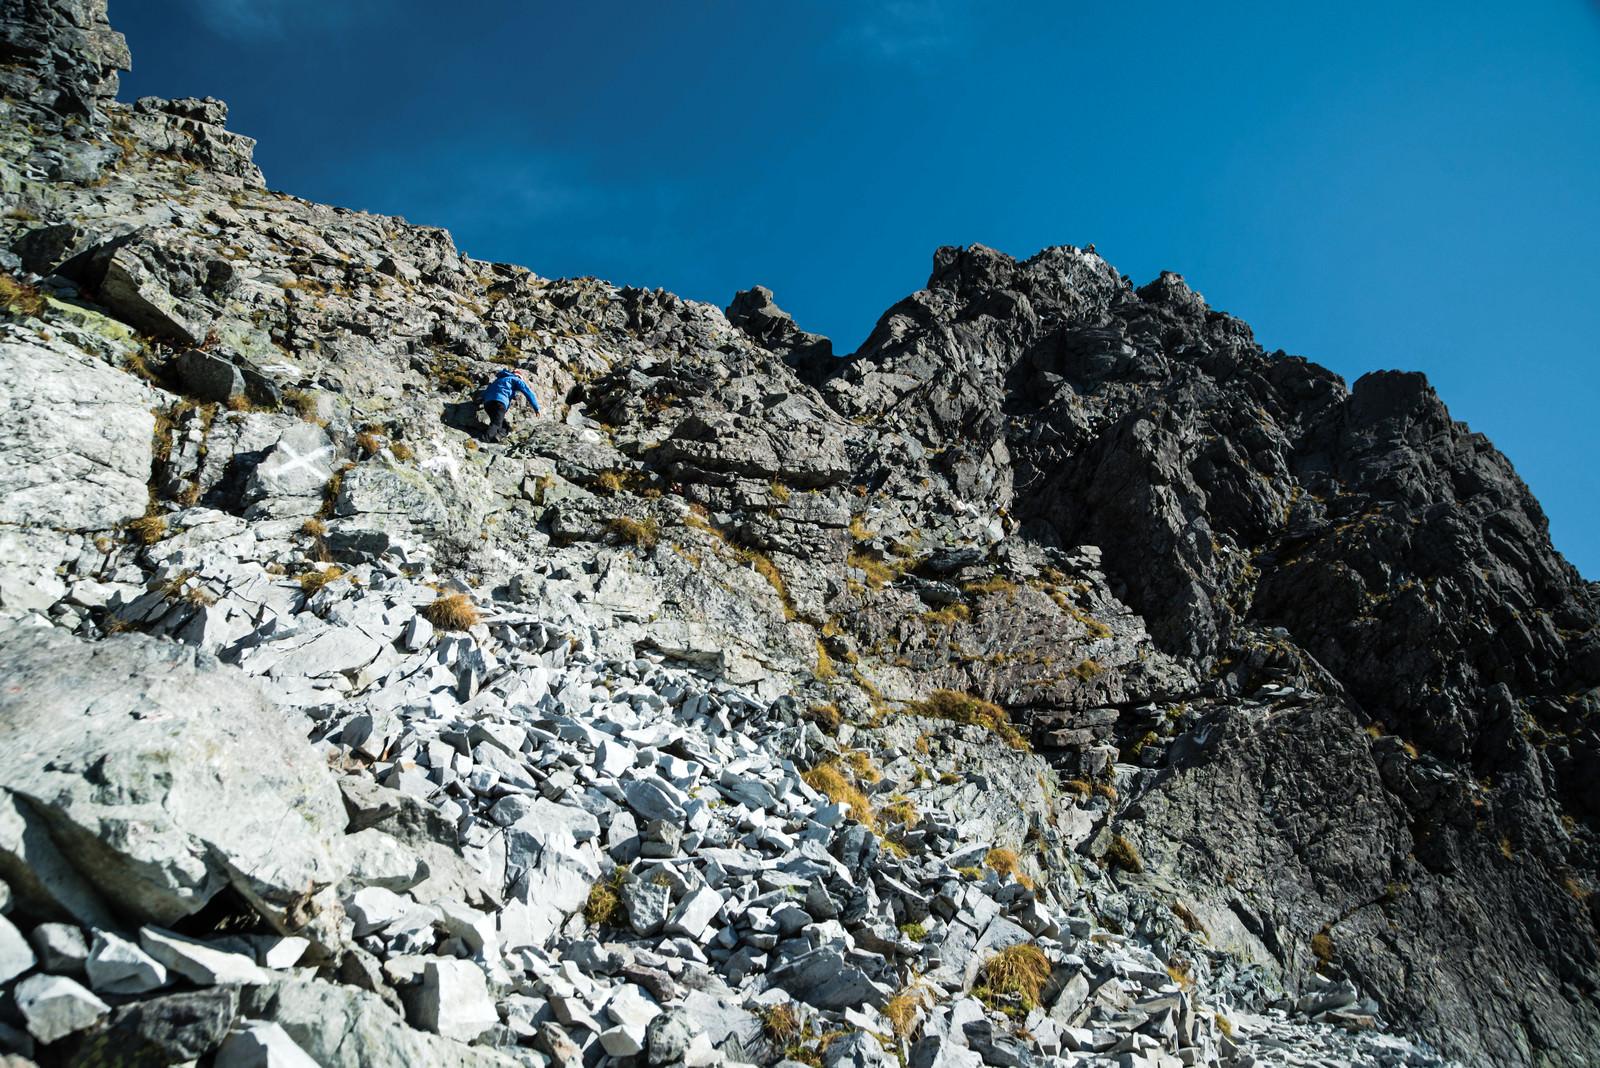 「槍ヶ岳山頂へ至る岩場(飛騨山脈)」の写真